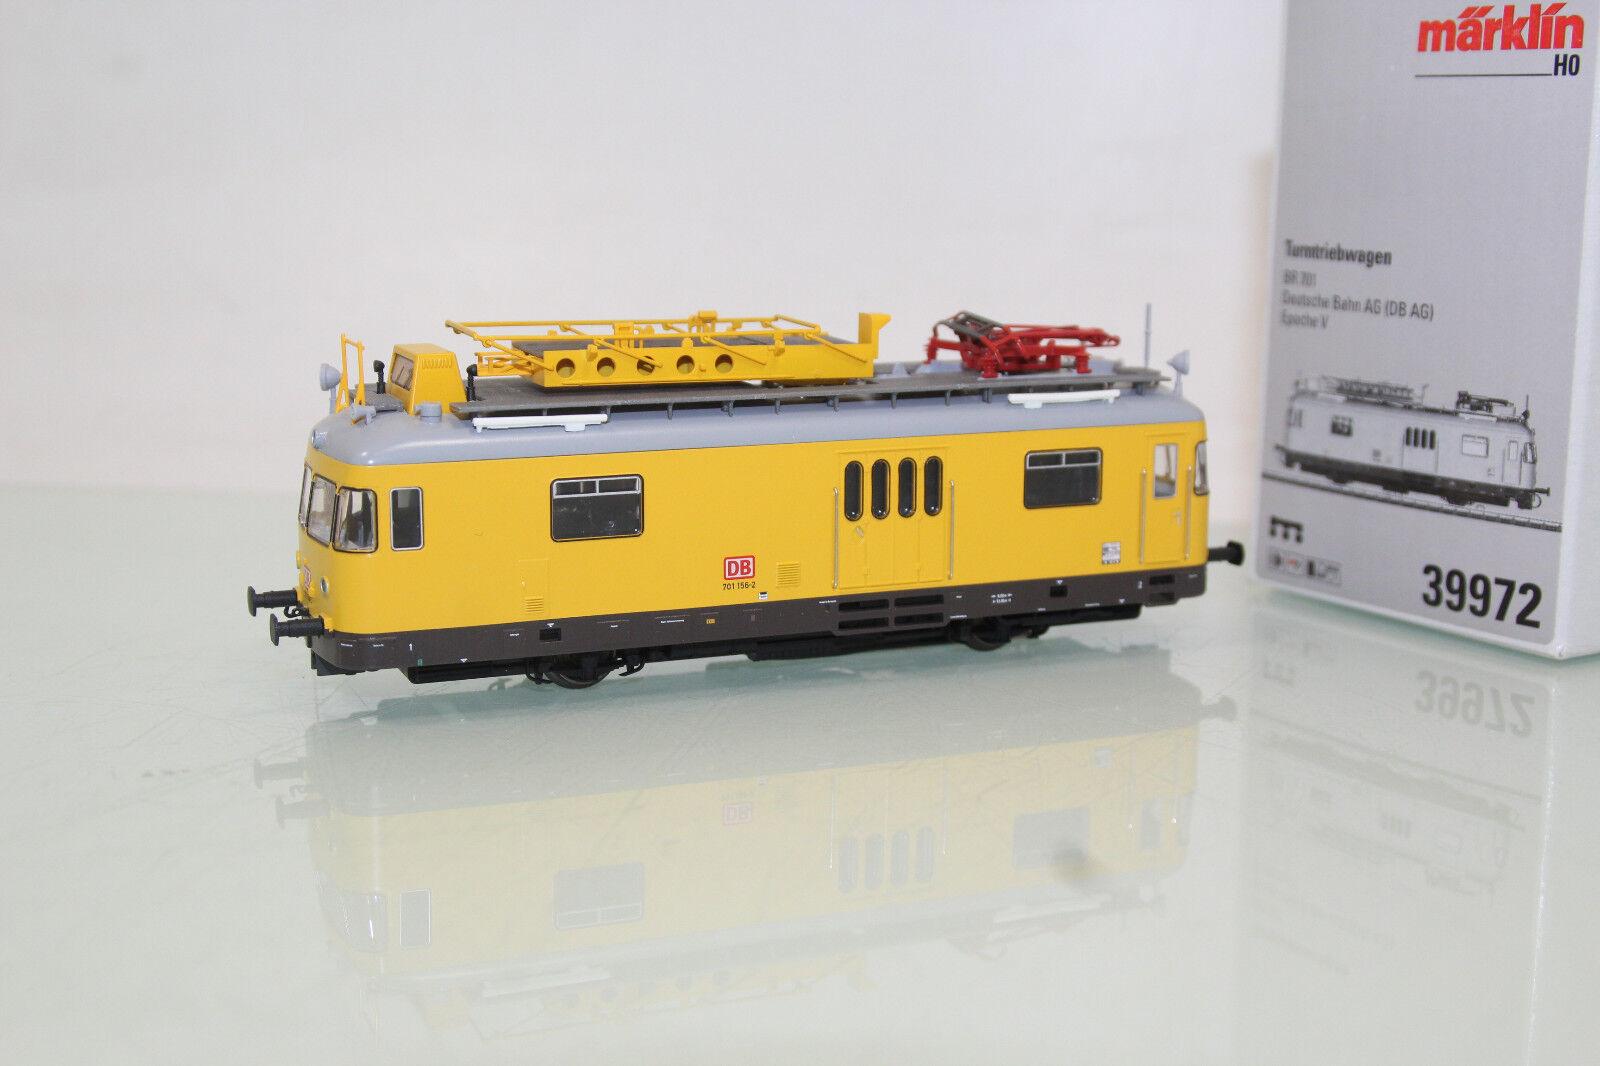 marklin h0 39972 Torre trainante autorello BR 701 DB AG MFX  suono come nuovo in scatola originale cl6729